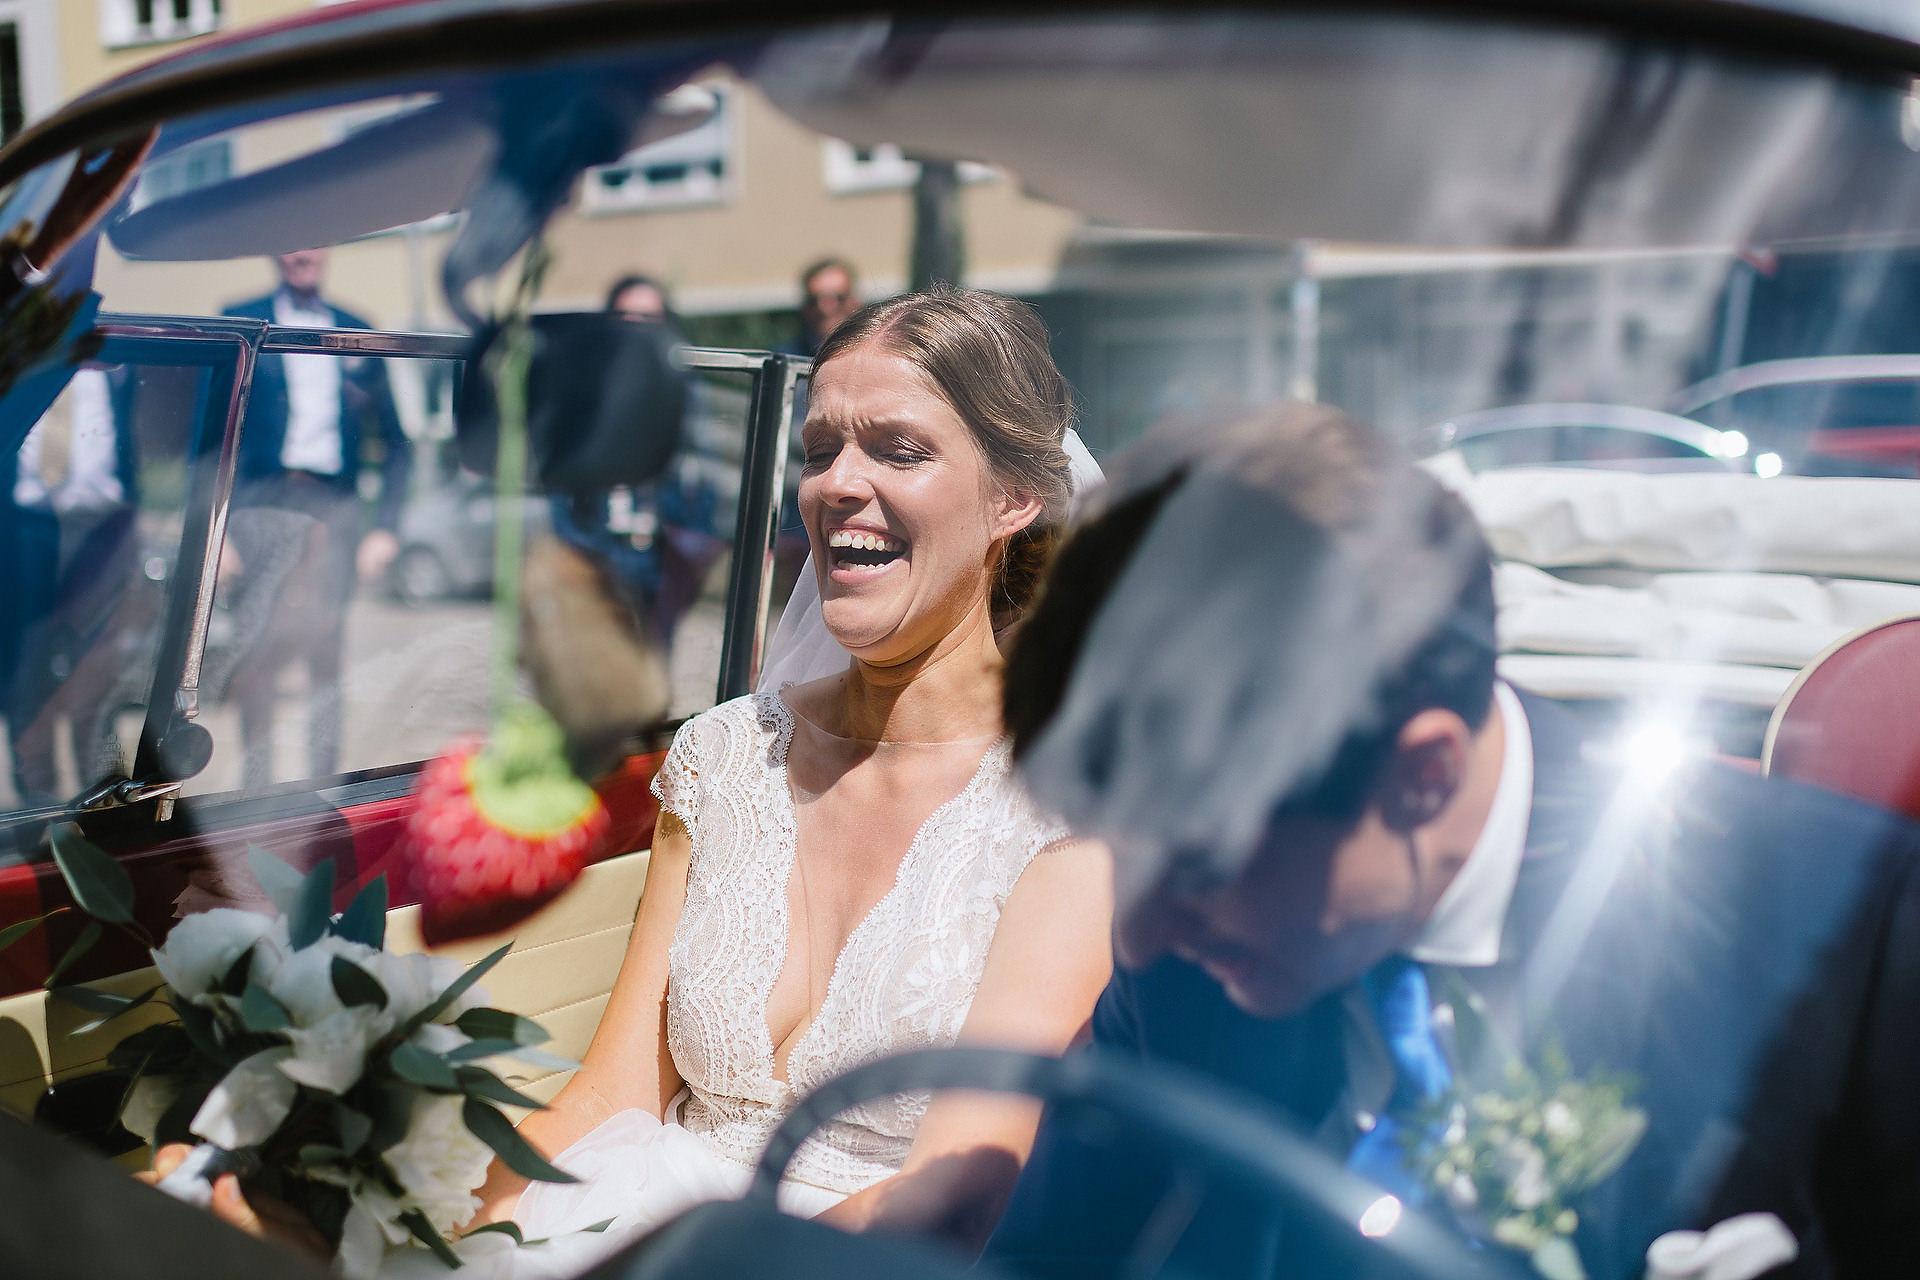 Fotograf Konstanz - Hochzeitsreportage Freiburg Hofgut Lilienhof Hochzeit Fotograf Konstanz 26 - Hochzeit in Freiburg und Hofgut Lilienhof  - 24 -